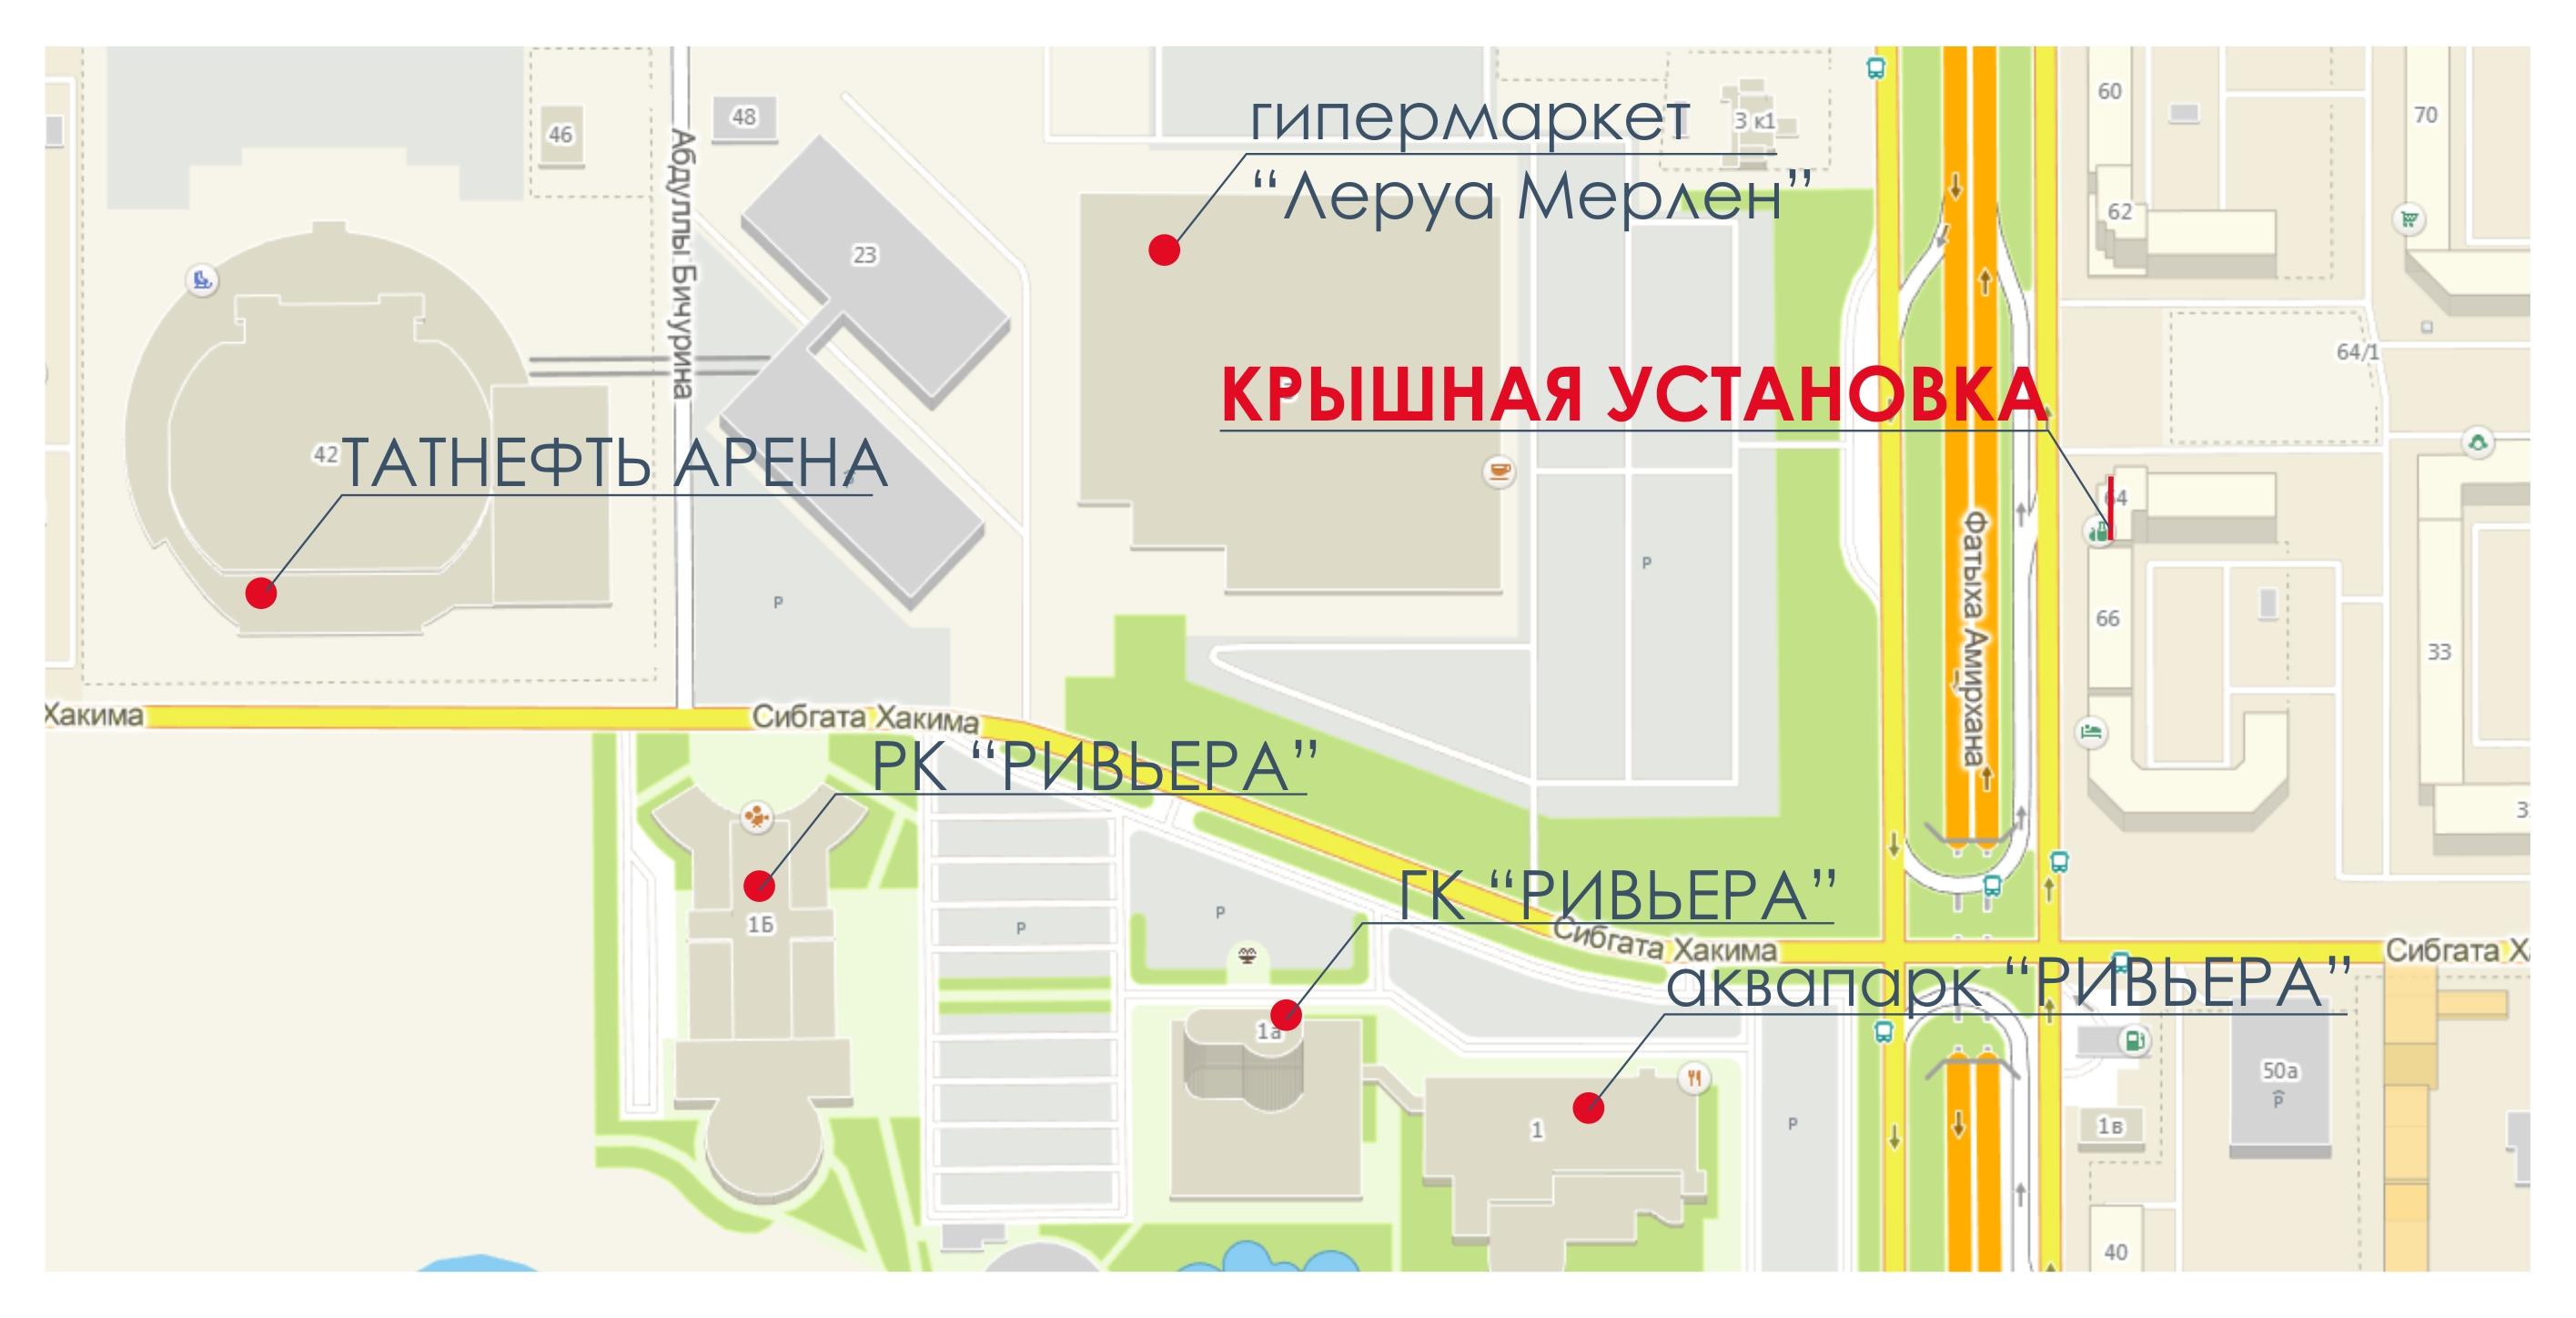 чистопольская 64